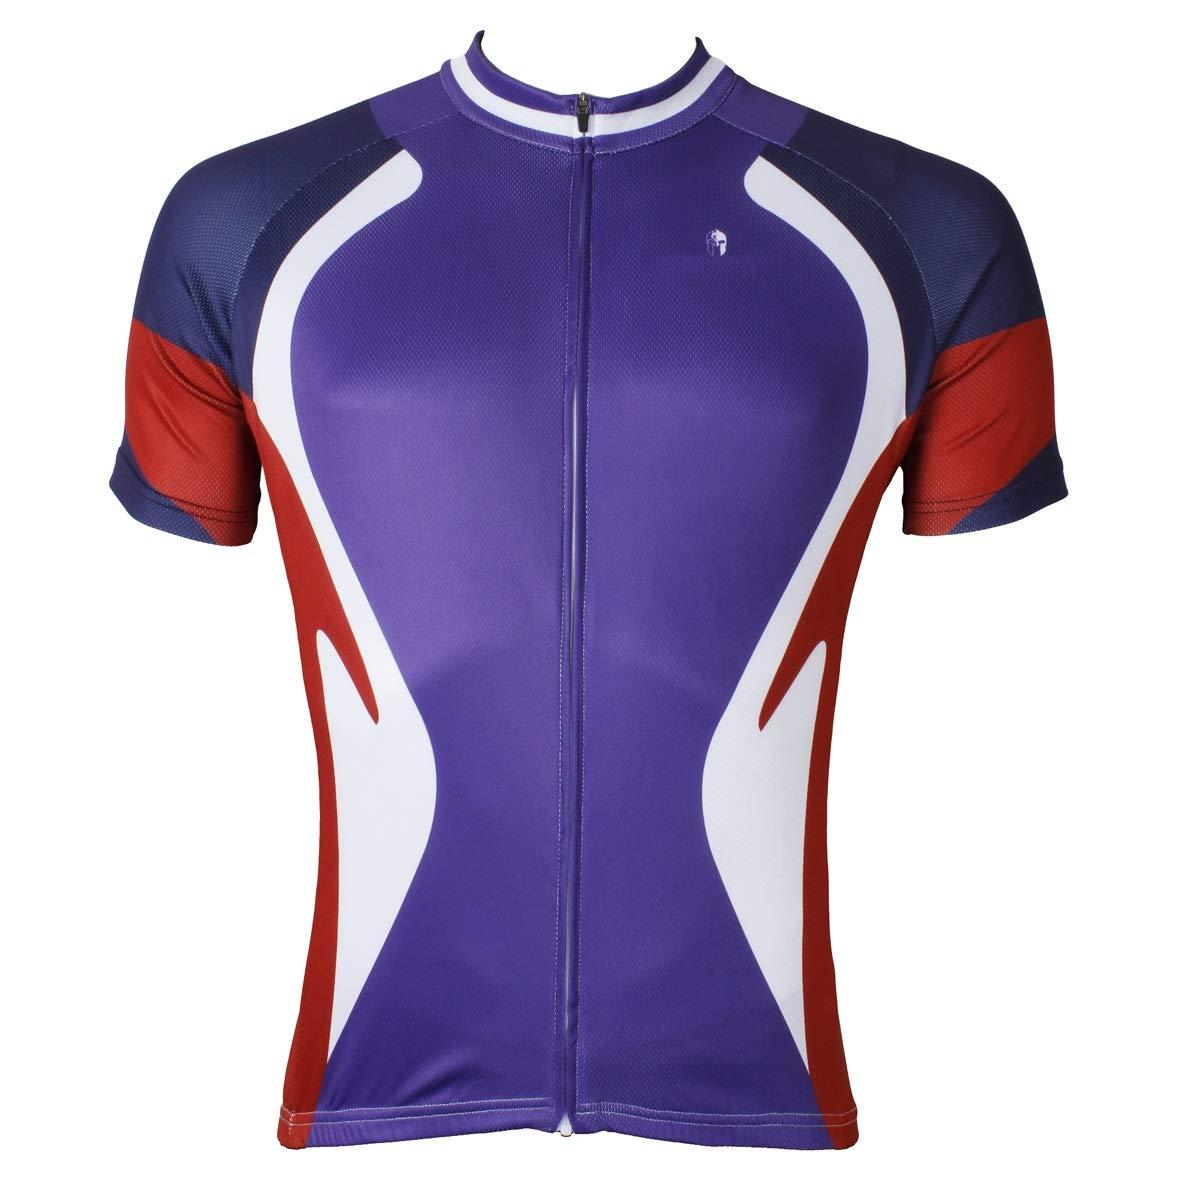 Bike Jersey Outdoor Herren Professionelle Reitbekleidung Sommer Ultradünn Atmungsaktiv Winddicht Fahrradtrikot LPLHJD